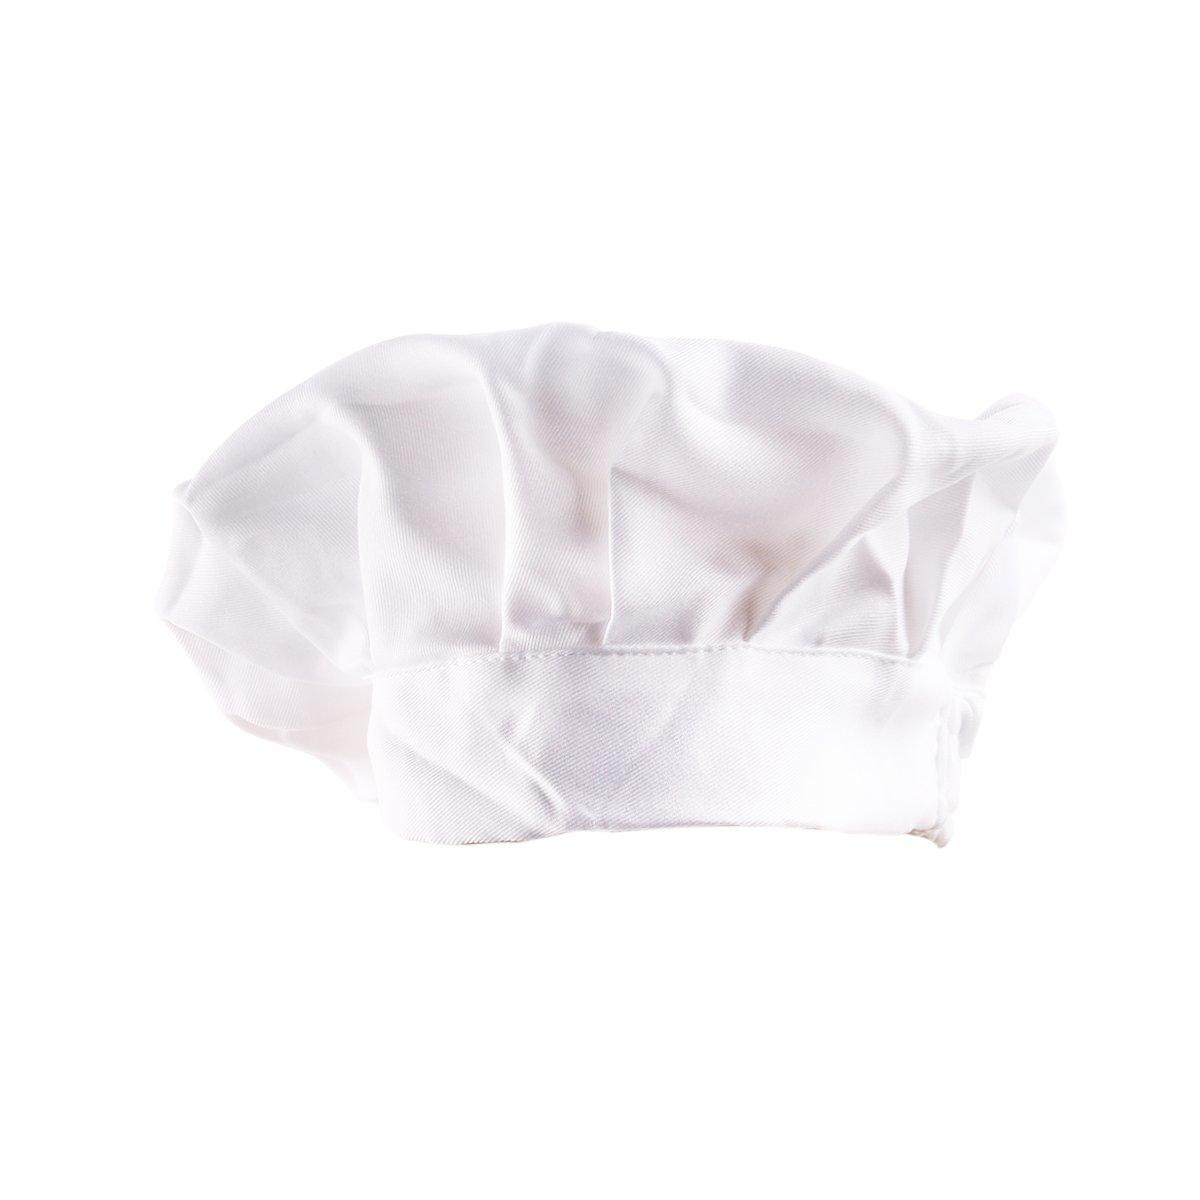 rosenice Chapeau de chef cuisinier Unisexe r/églable /élastique